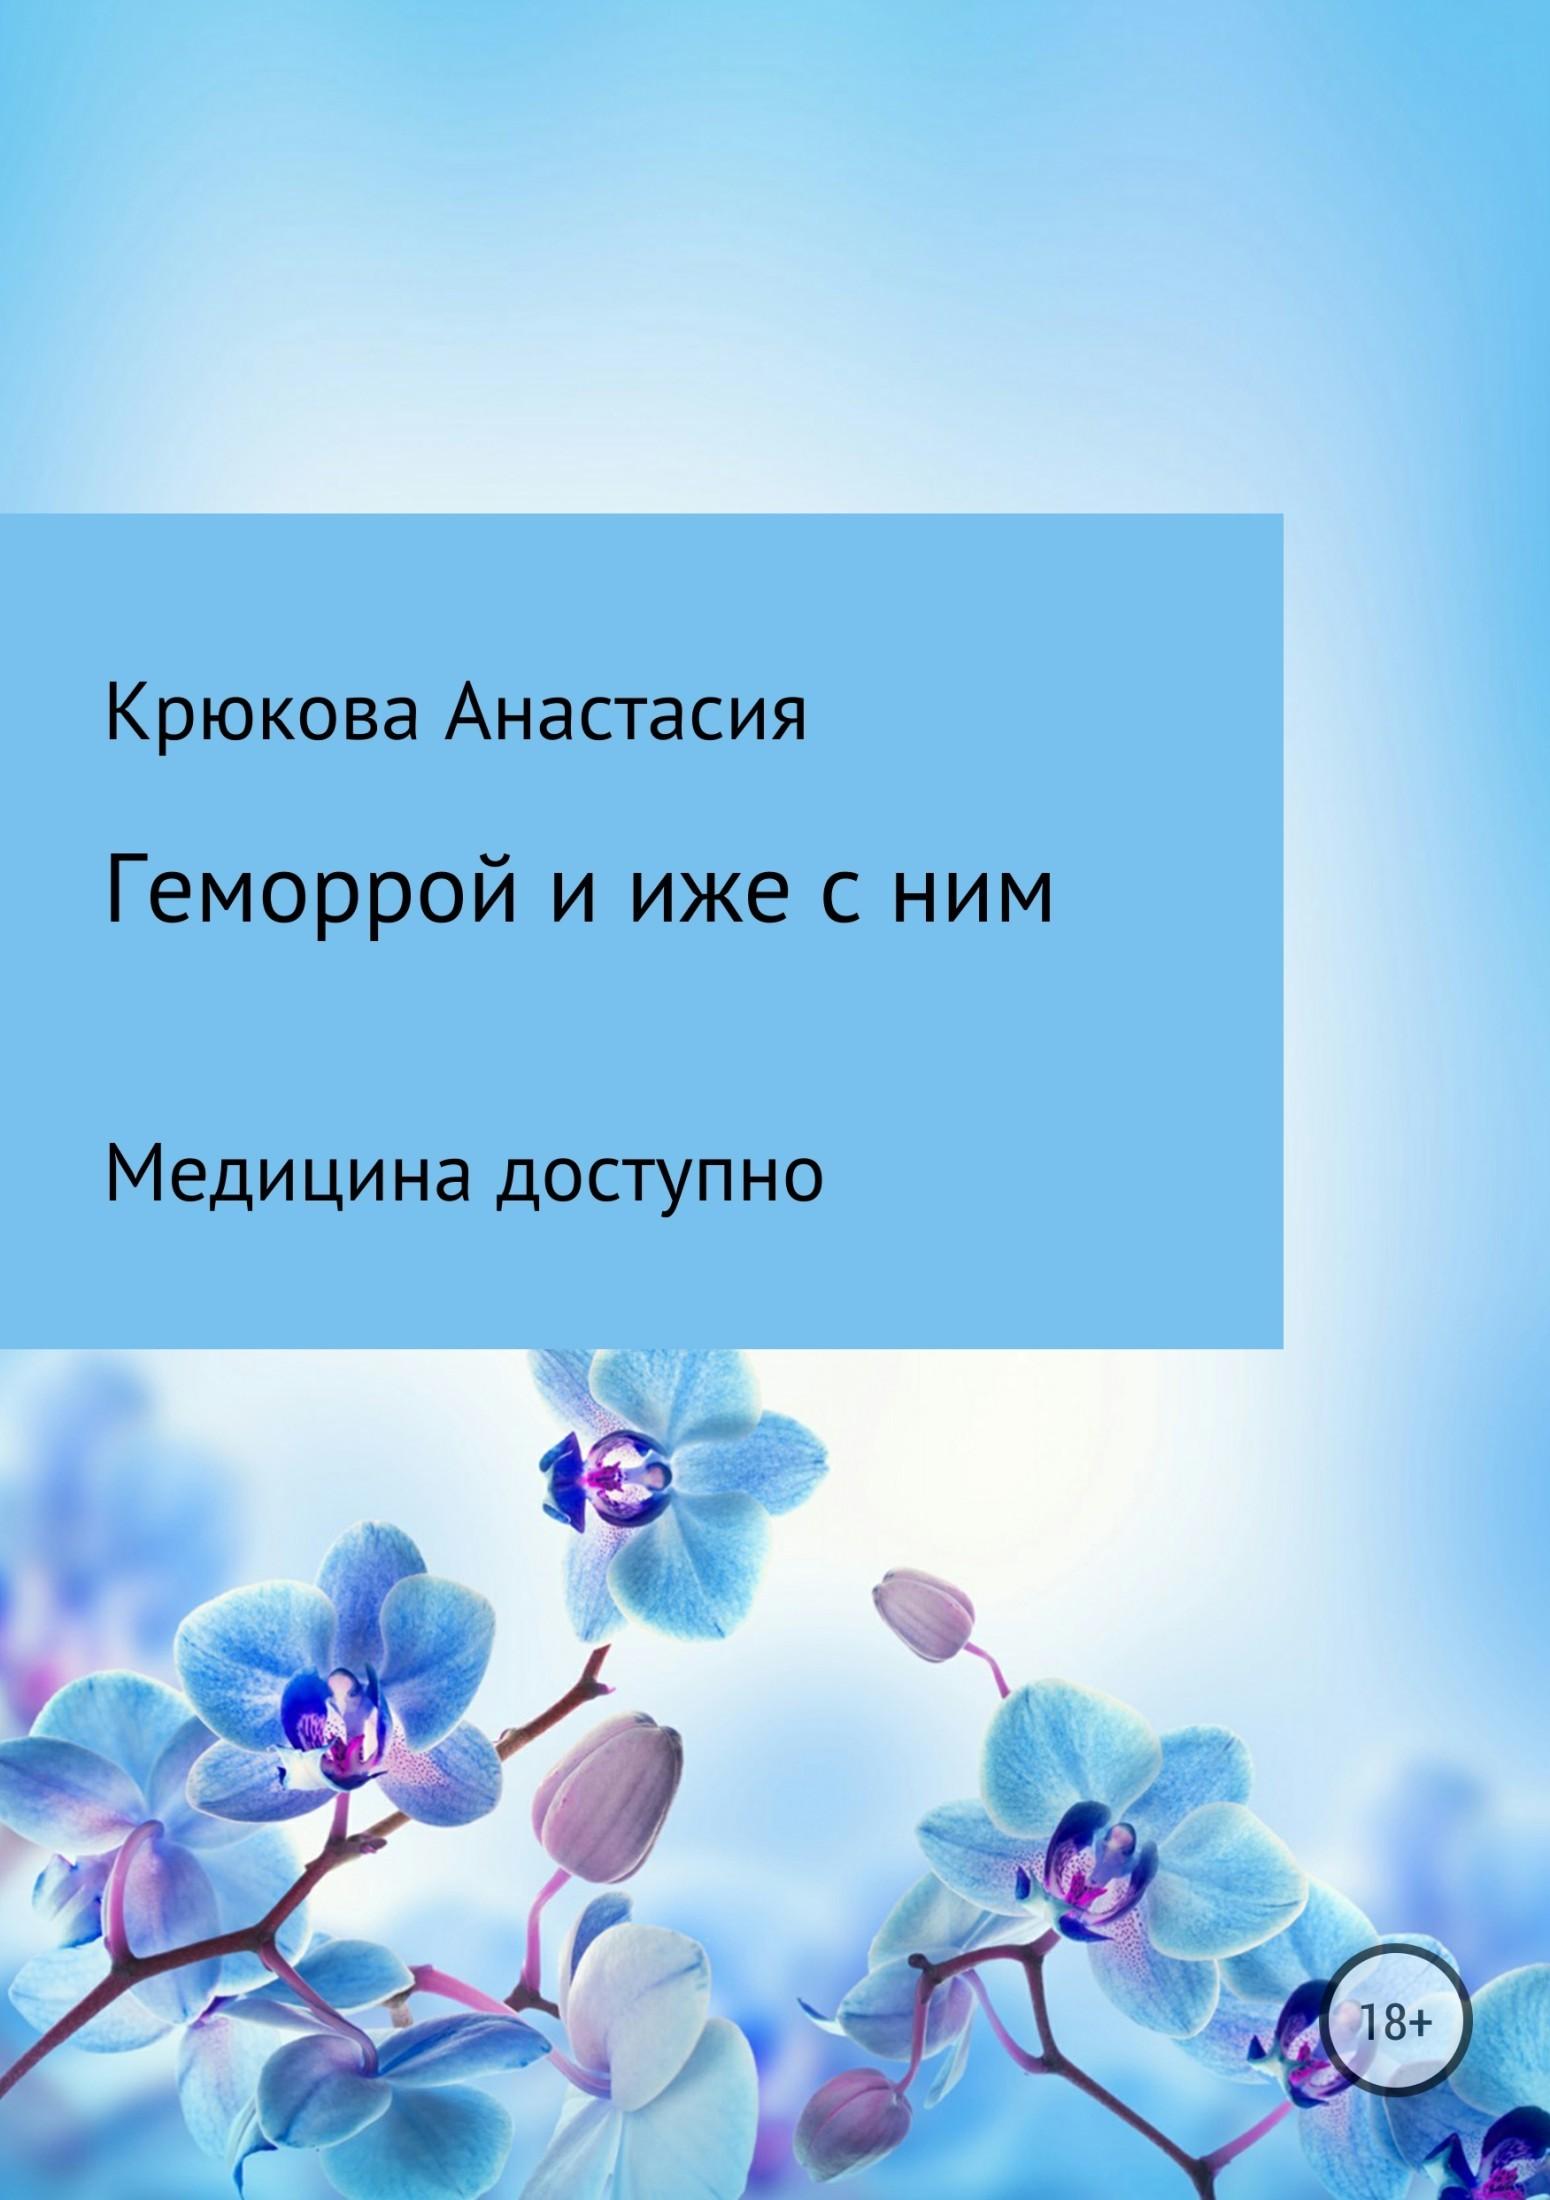 Анастасия Сергеевна Крюкова. Геморрой и иже с ним. Медицина доступно